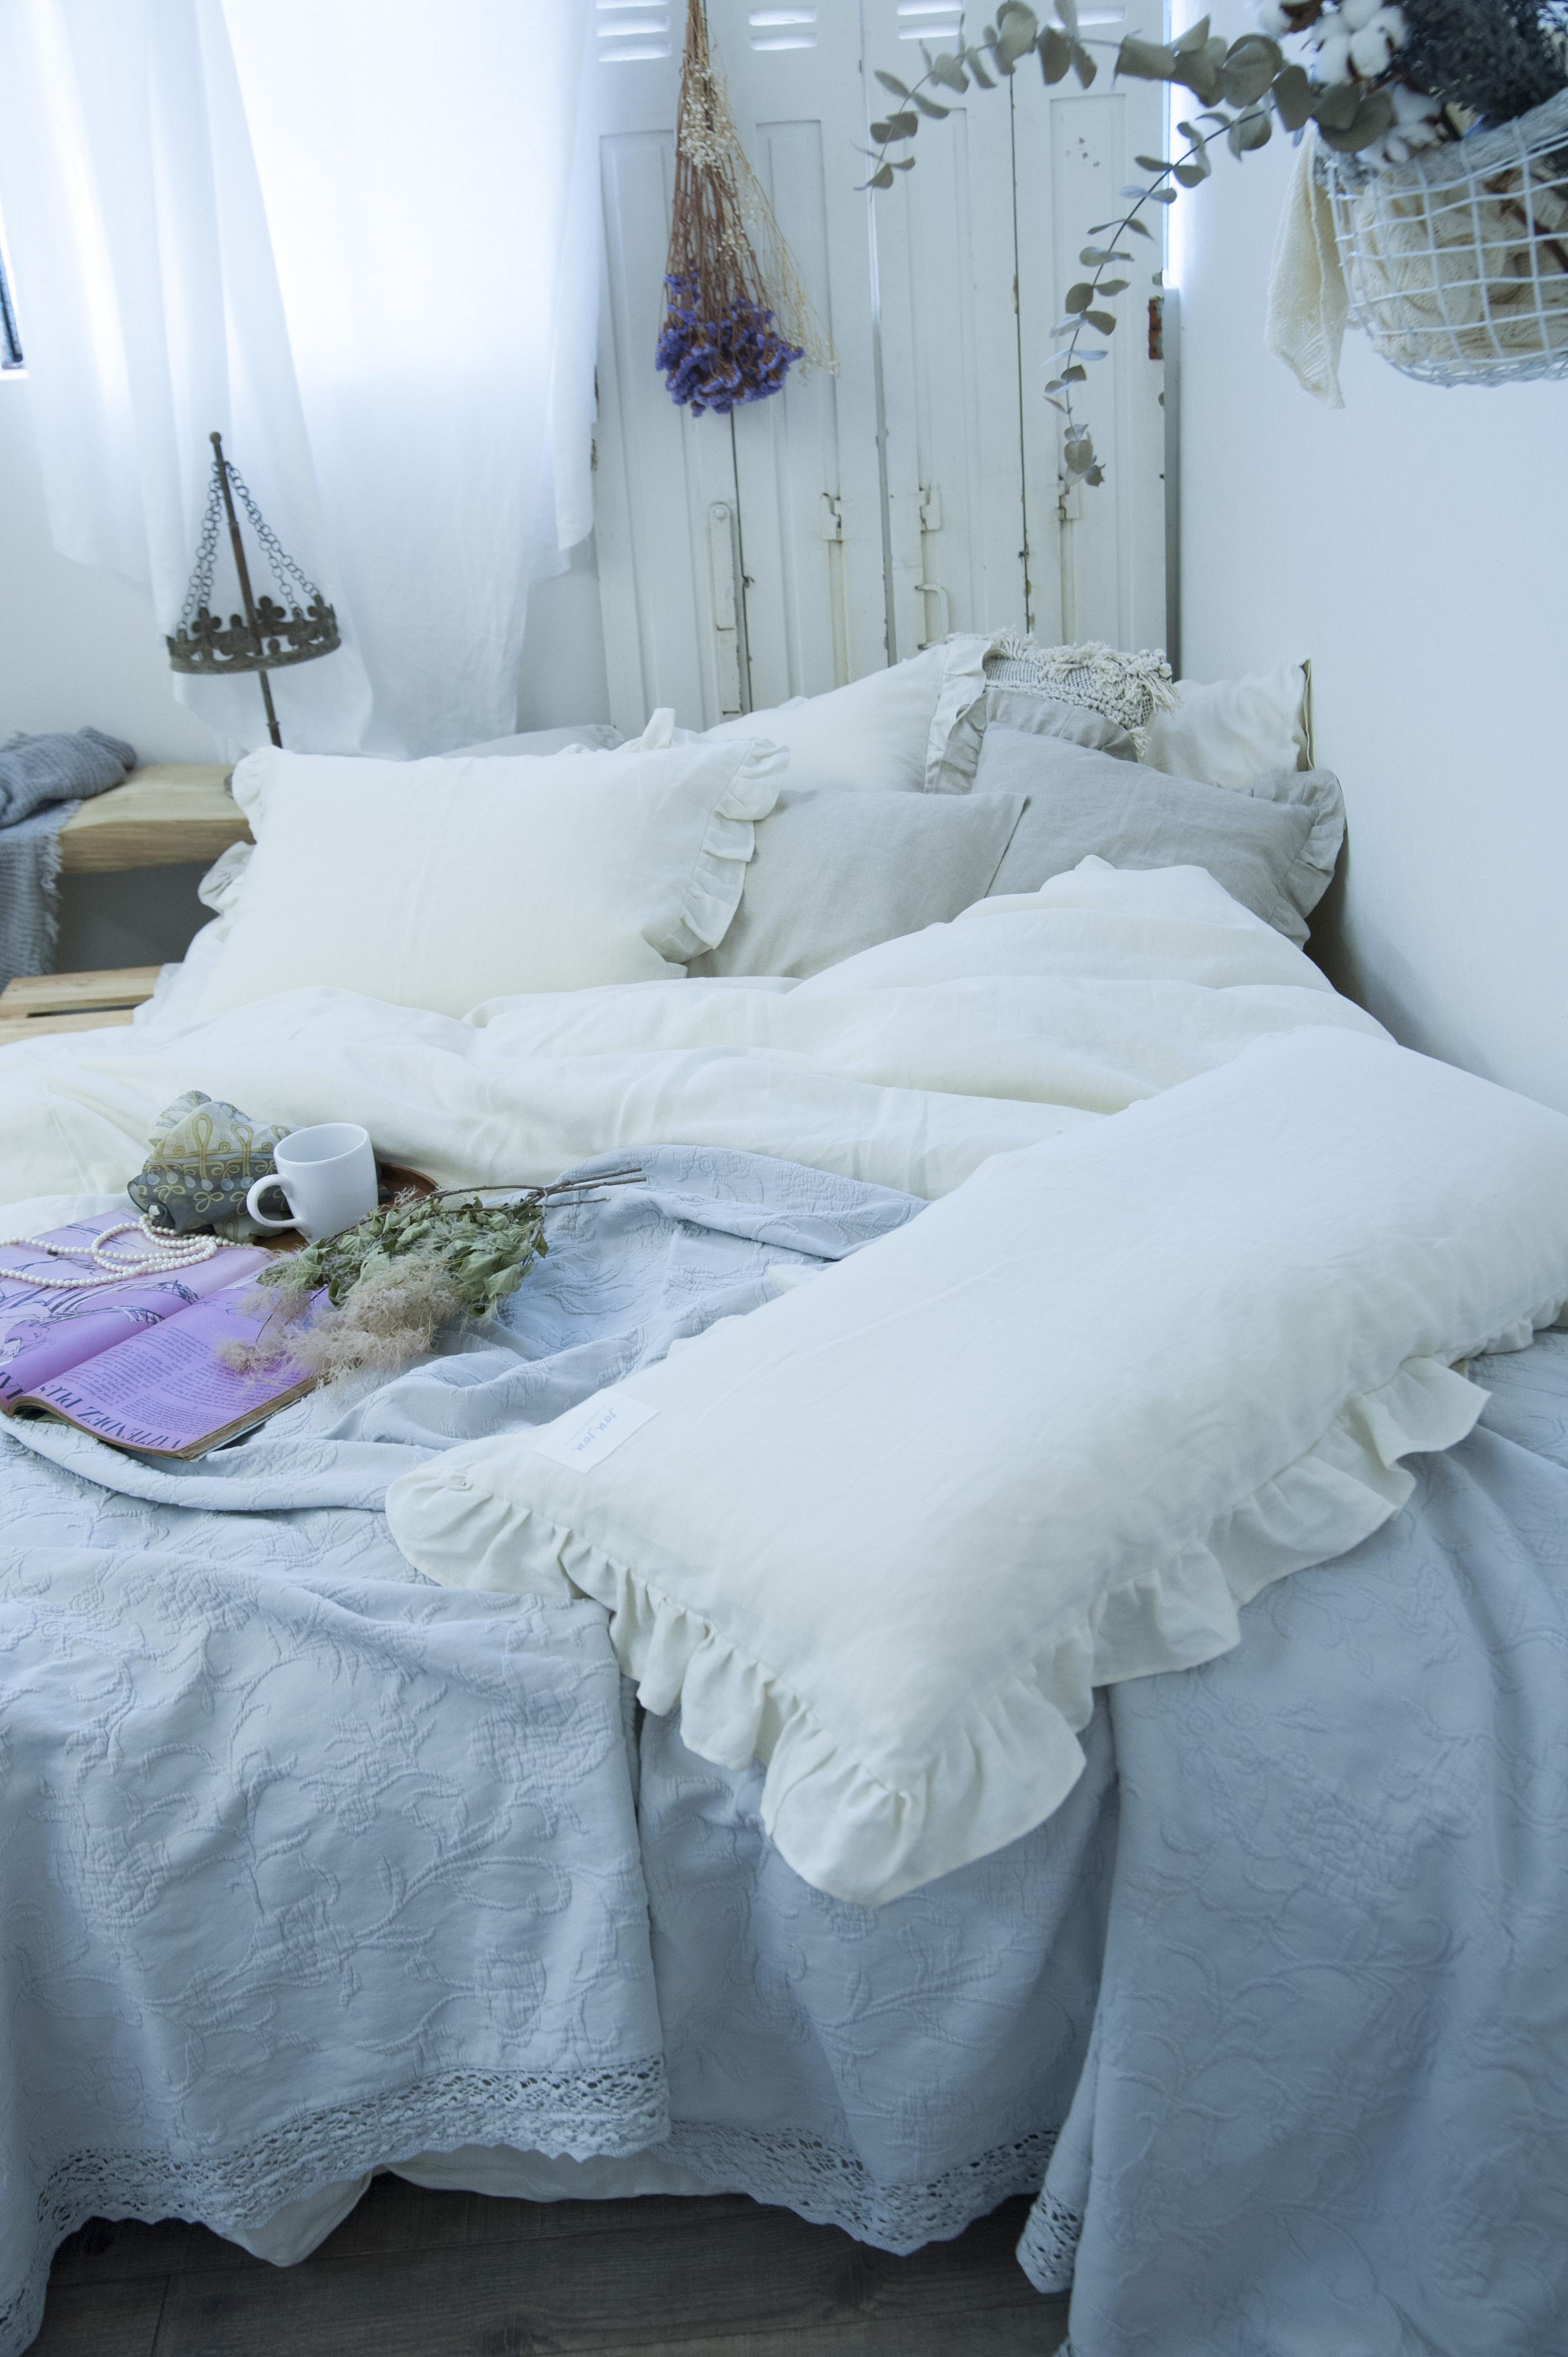 寝室 インテリア ナチュラル 寝室 インテリア おしゃれ Styling02  ナチュラルファブリック×シャビーシックスタイル